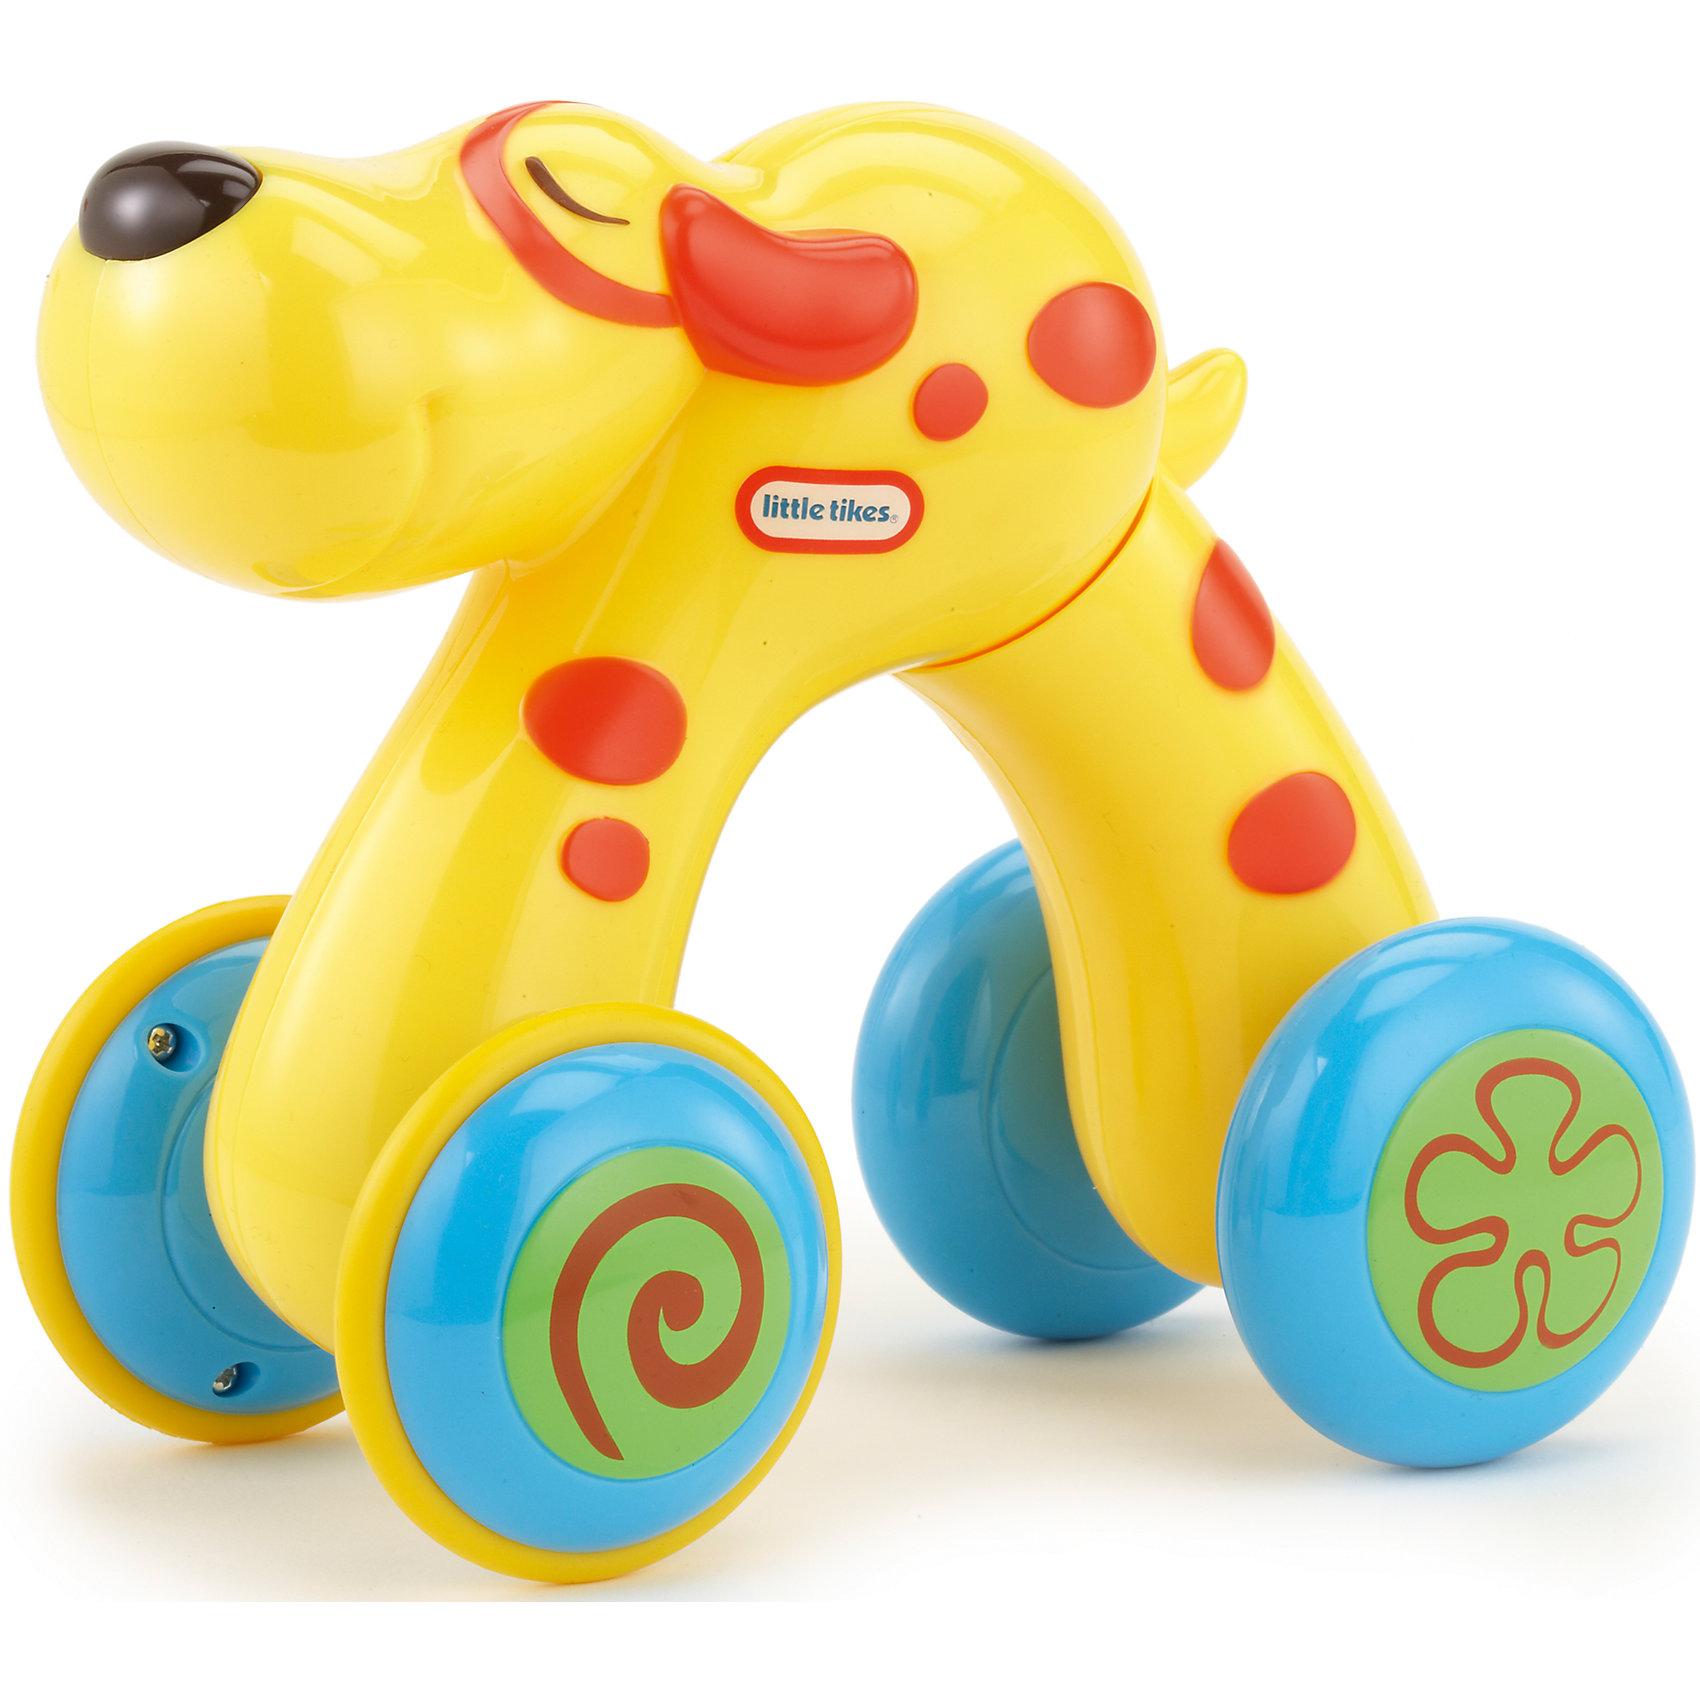 Домашний питомец Собака, Little TikesДомашний питомец от Литл Тайкс - это развивающая инерционная игрушка в виде собаки. Веселые зверьки на колесиках могут передвигаться! При нажатии на спинку игрушка растягивается. Если спинку отпустить, она возвращается в первоначальное положение, при этом двигаясь вперед. Такая игрушка способствует развитию зрительно-моторной координации.<br><br>Дополнительная информация:<br><br>Собачка желтого цвета, с оранжевыми полосками.<br><br>Игрушку Домашний питомец , Little Tikes (Литл Тайкс), можно купить в нашем магазине.<br><br>Ширина мм: 190<br>Глубина мм: 200<br>Высота мм: 125<br>Вес г: 407<br>Возраст от месяцев: 36<br>Возраст до месяцев: 72<br>Пол: Унисекс<br>Возраст: Детский<br>SKU: 4874113